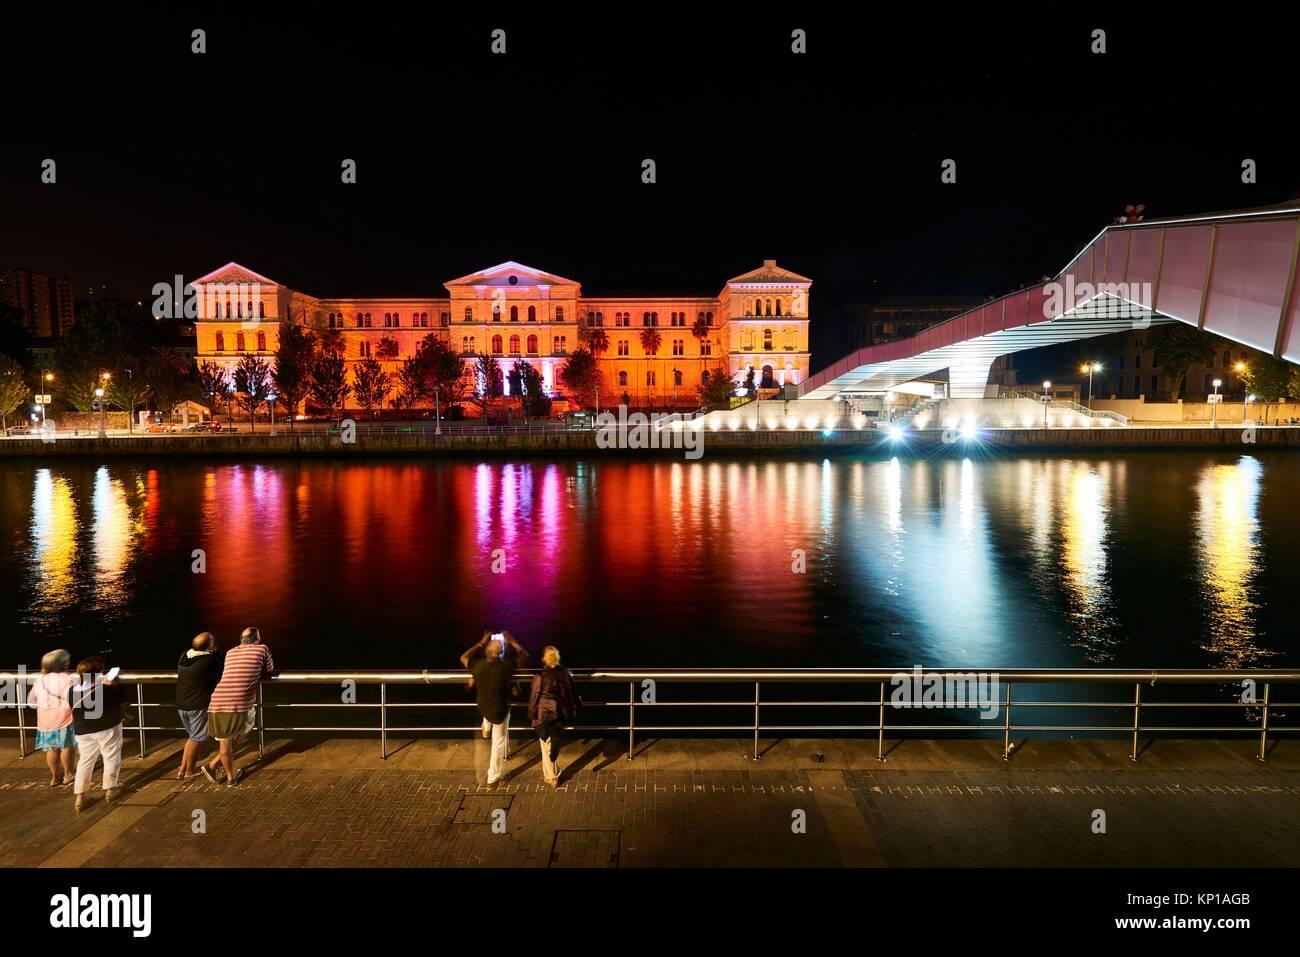 L'Université de Deusto dans la nuit avec un éclairage spectaculaire, Bilbao, Biscaye, Pays Basque, Photo Stock